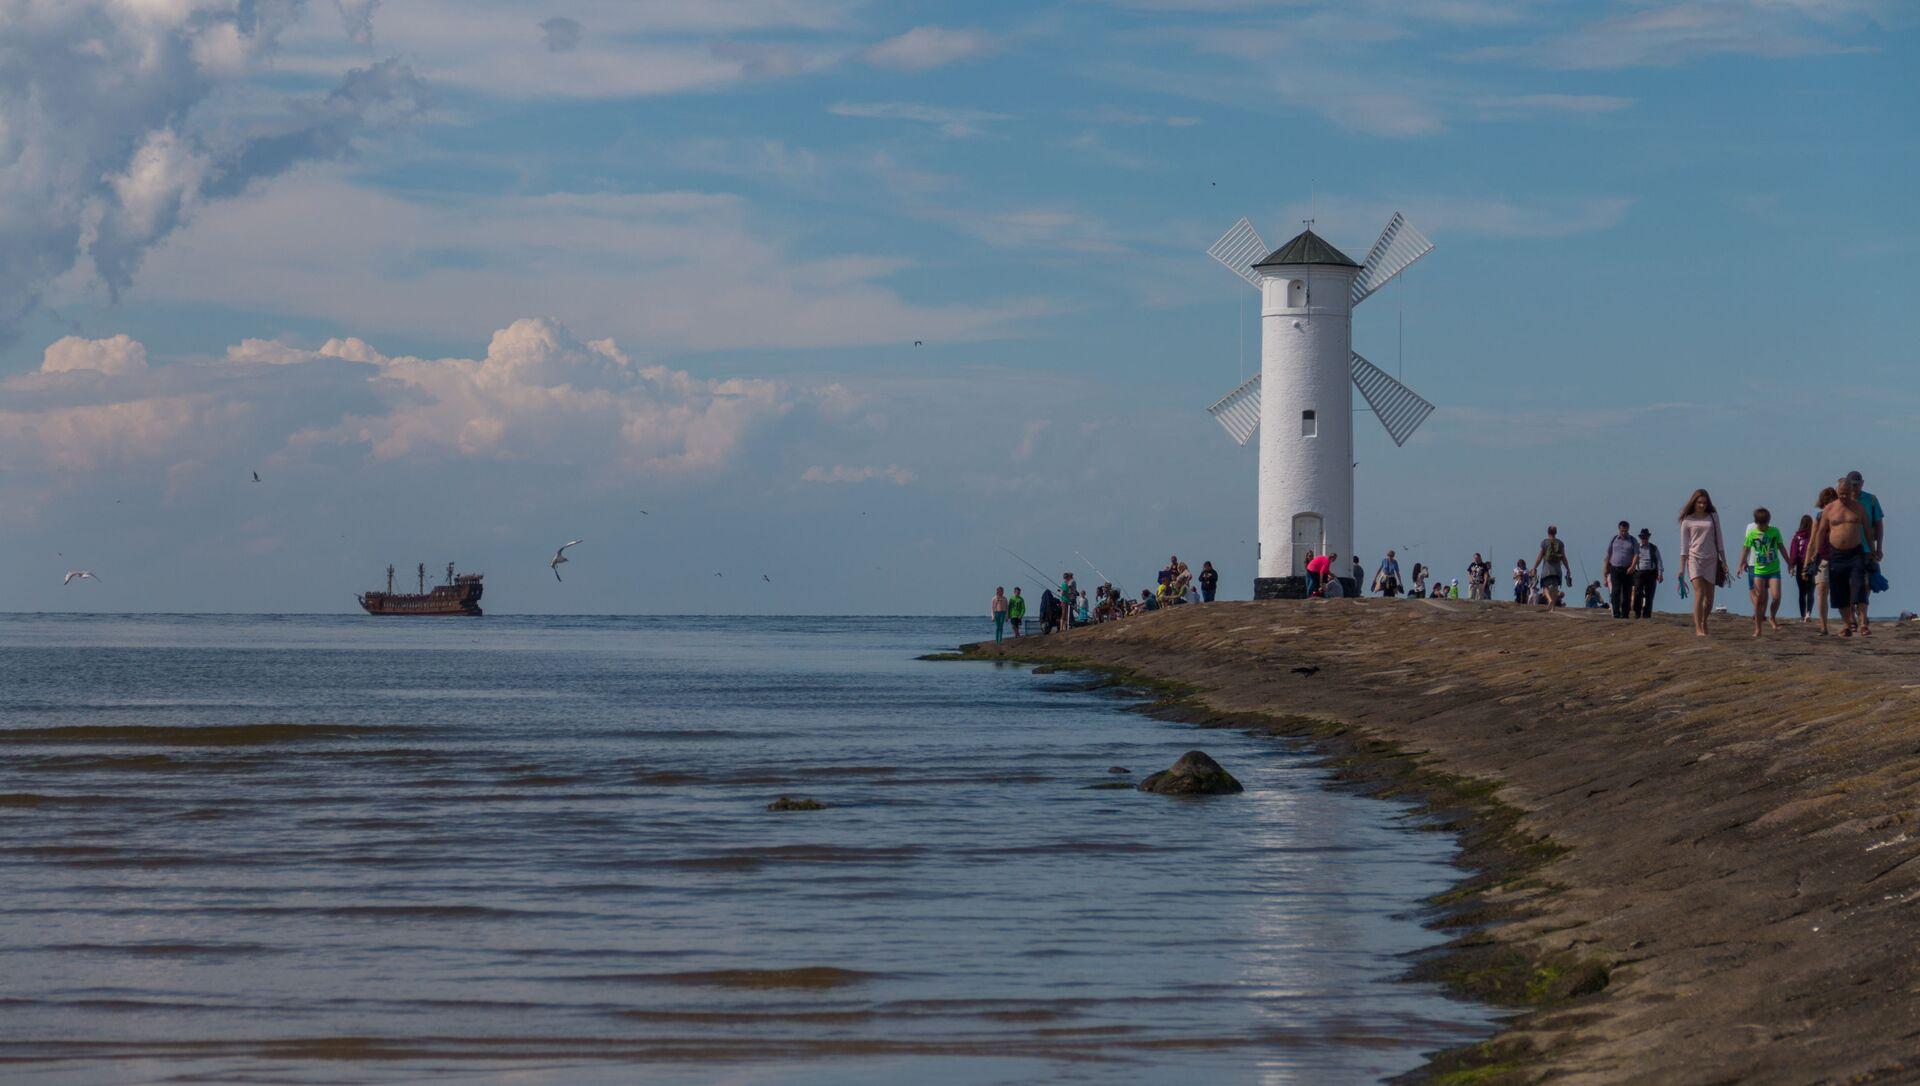 Latarnia morska w formie wiatraka dla statków wpływających do portu w Świnoujściu od strony Morza Bałtyckiego - Sputnik Polska, 1920, 14.03.2021